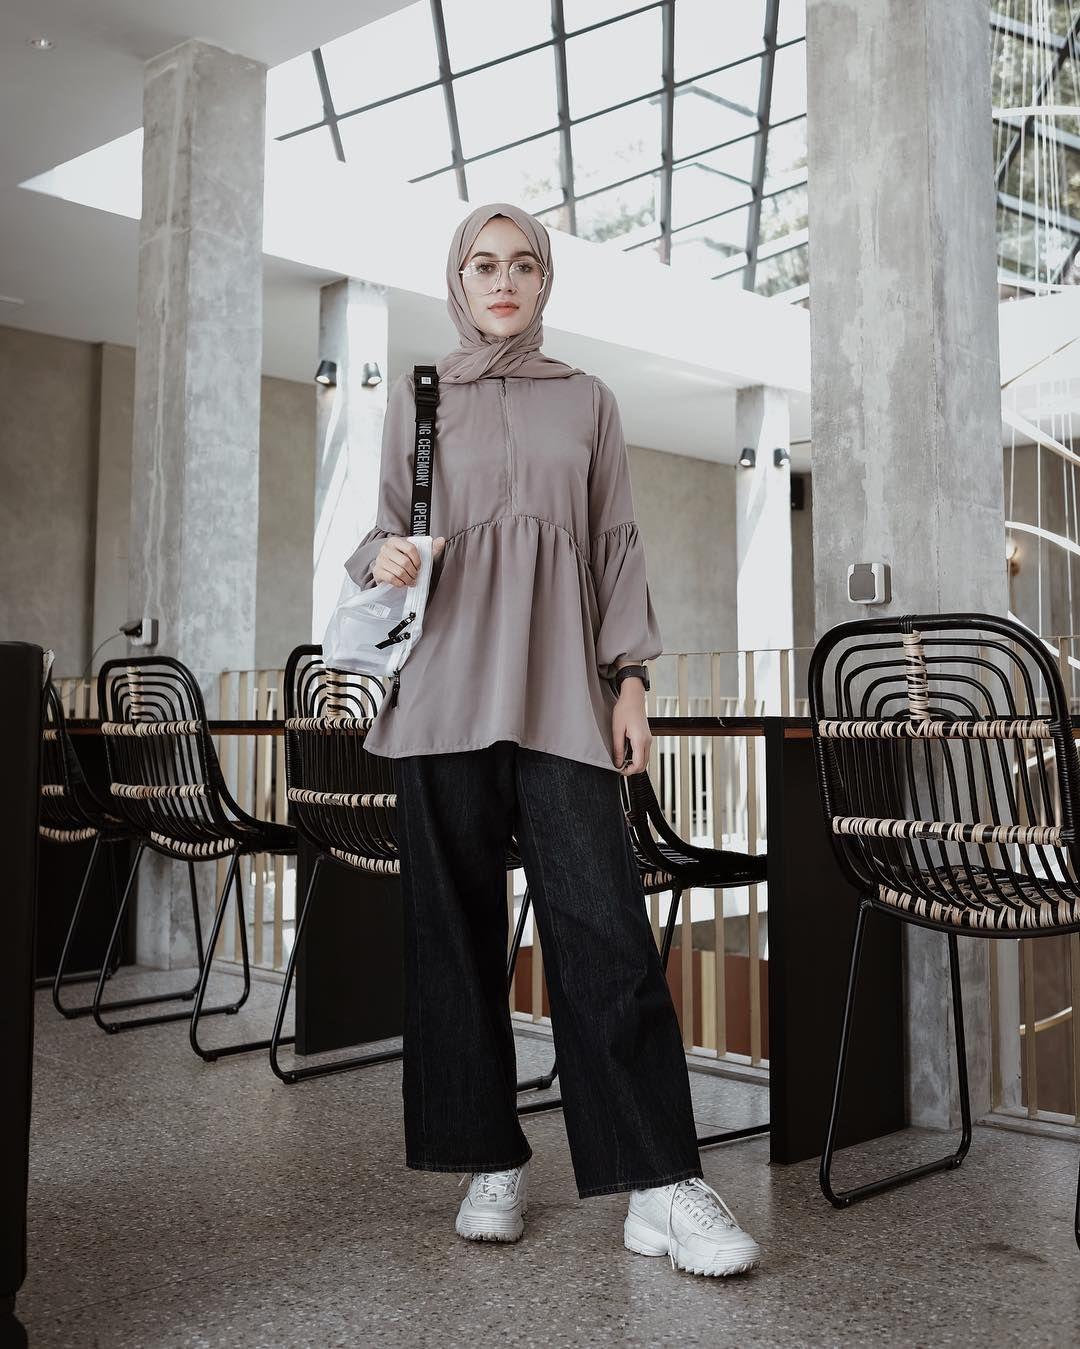 Hifdzan Sn Aghnia Di Instagram Grey Kinda Day Yeppushop Model Pakaian Hijab Model Pakaian Model Pakaian Muslim